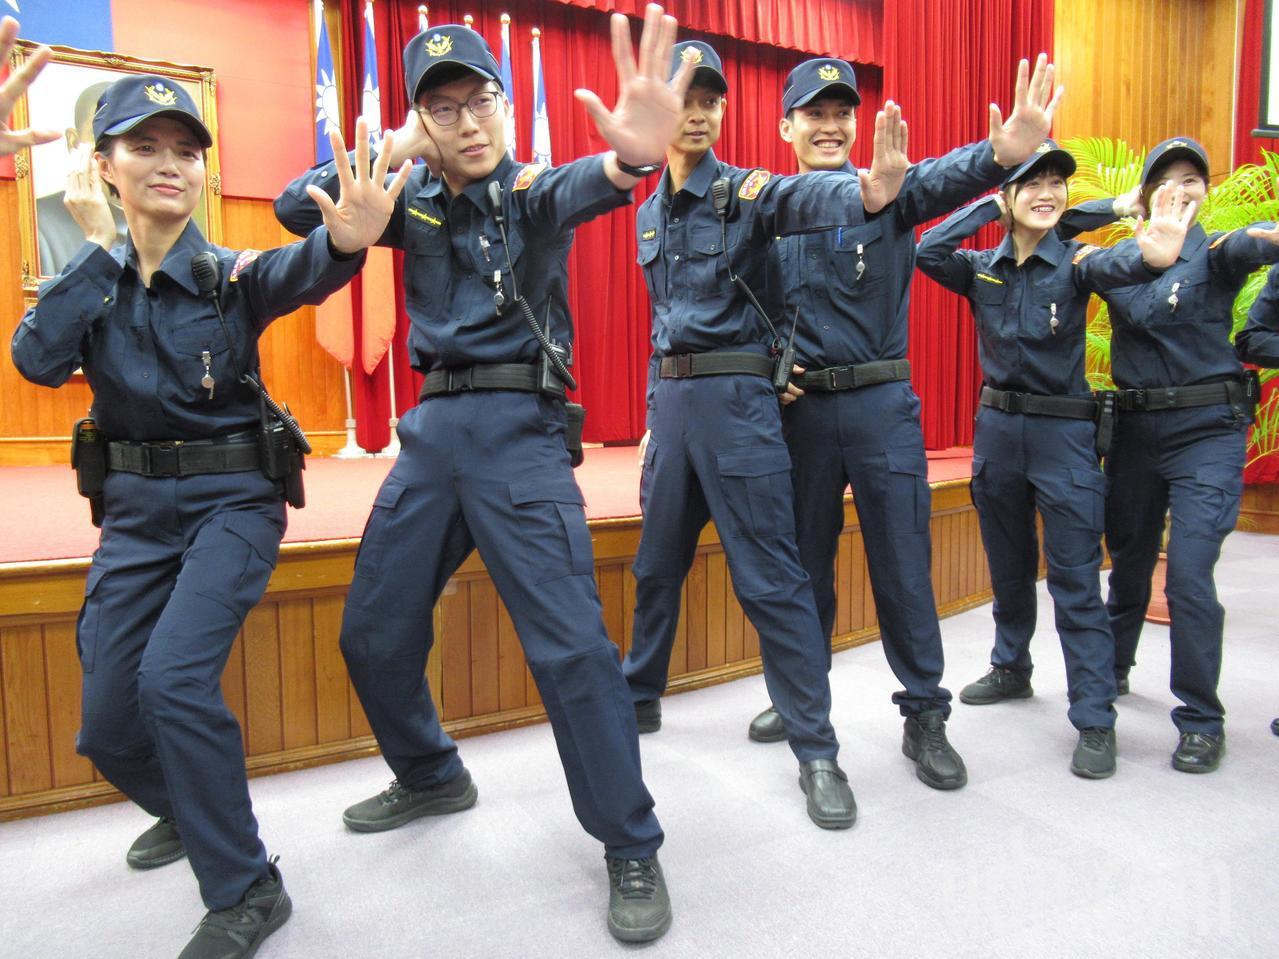 台灣高等法院法警今換著新制服,法警覺得新制服有活力感。記者王宏舜/攝影